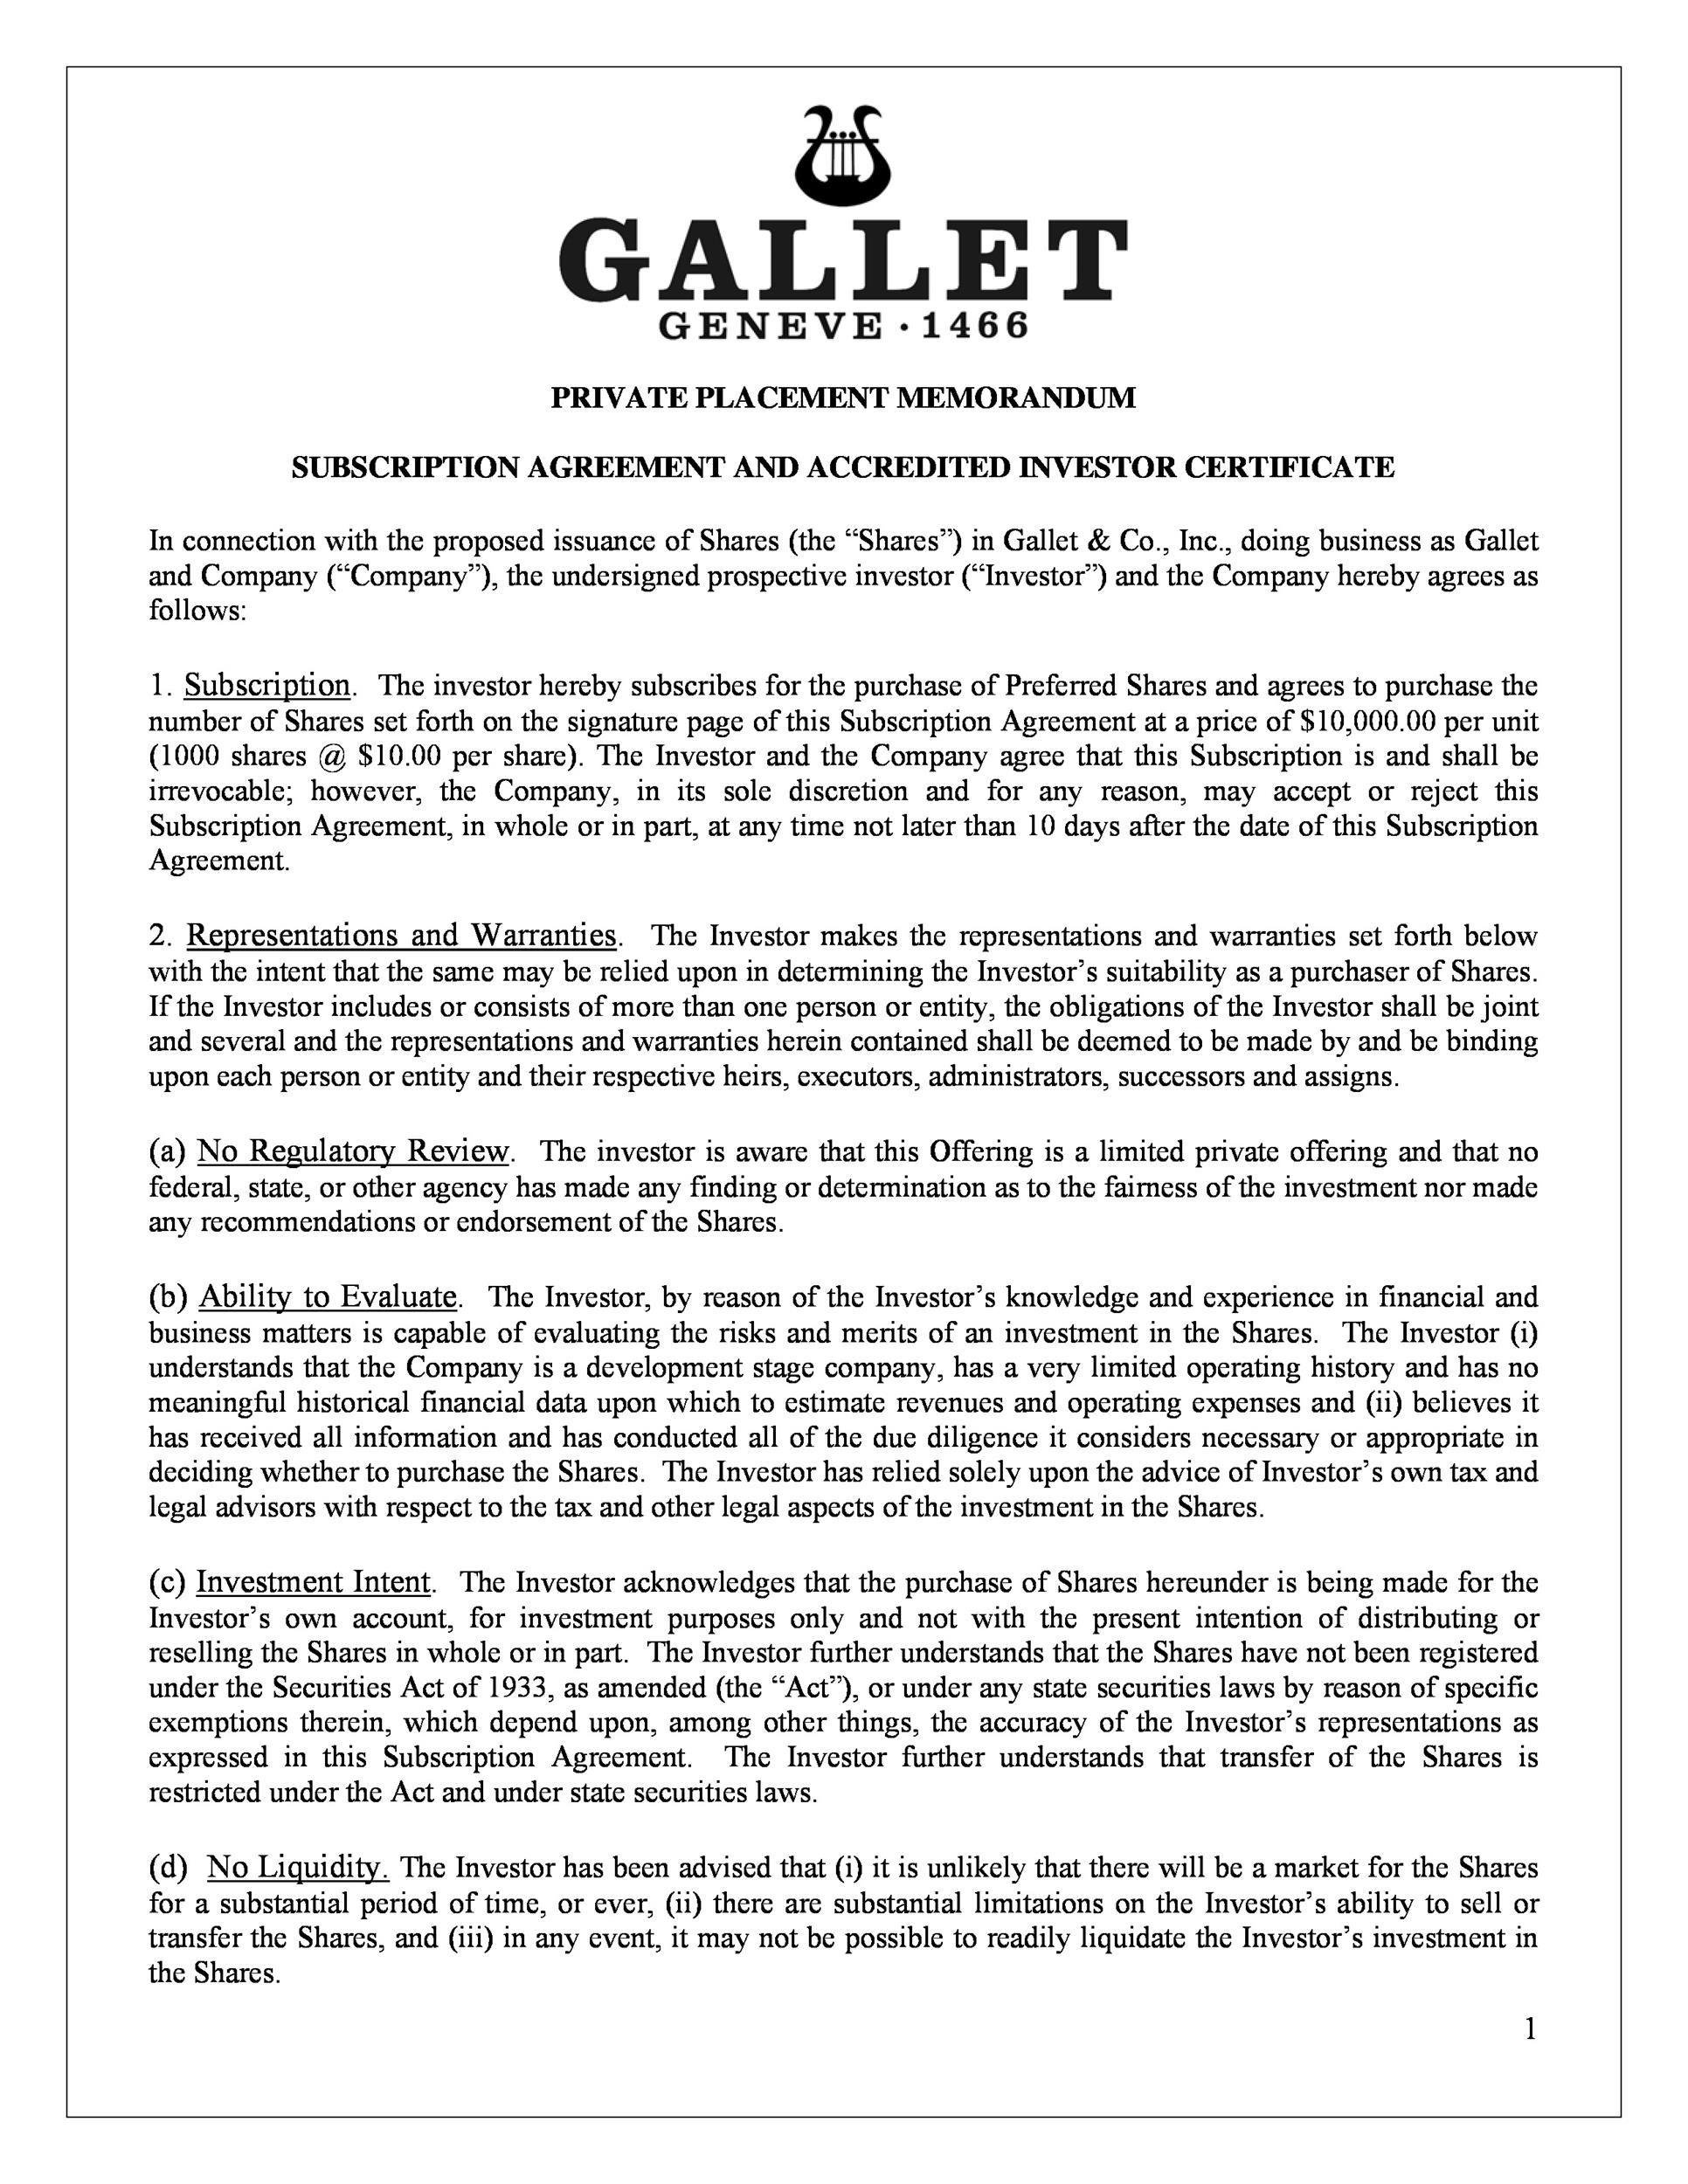 009 Excellent Private Placement Memorandum Format Concept  Template Canada Form UkFull